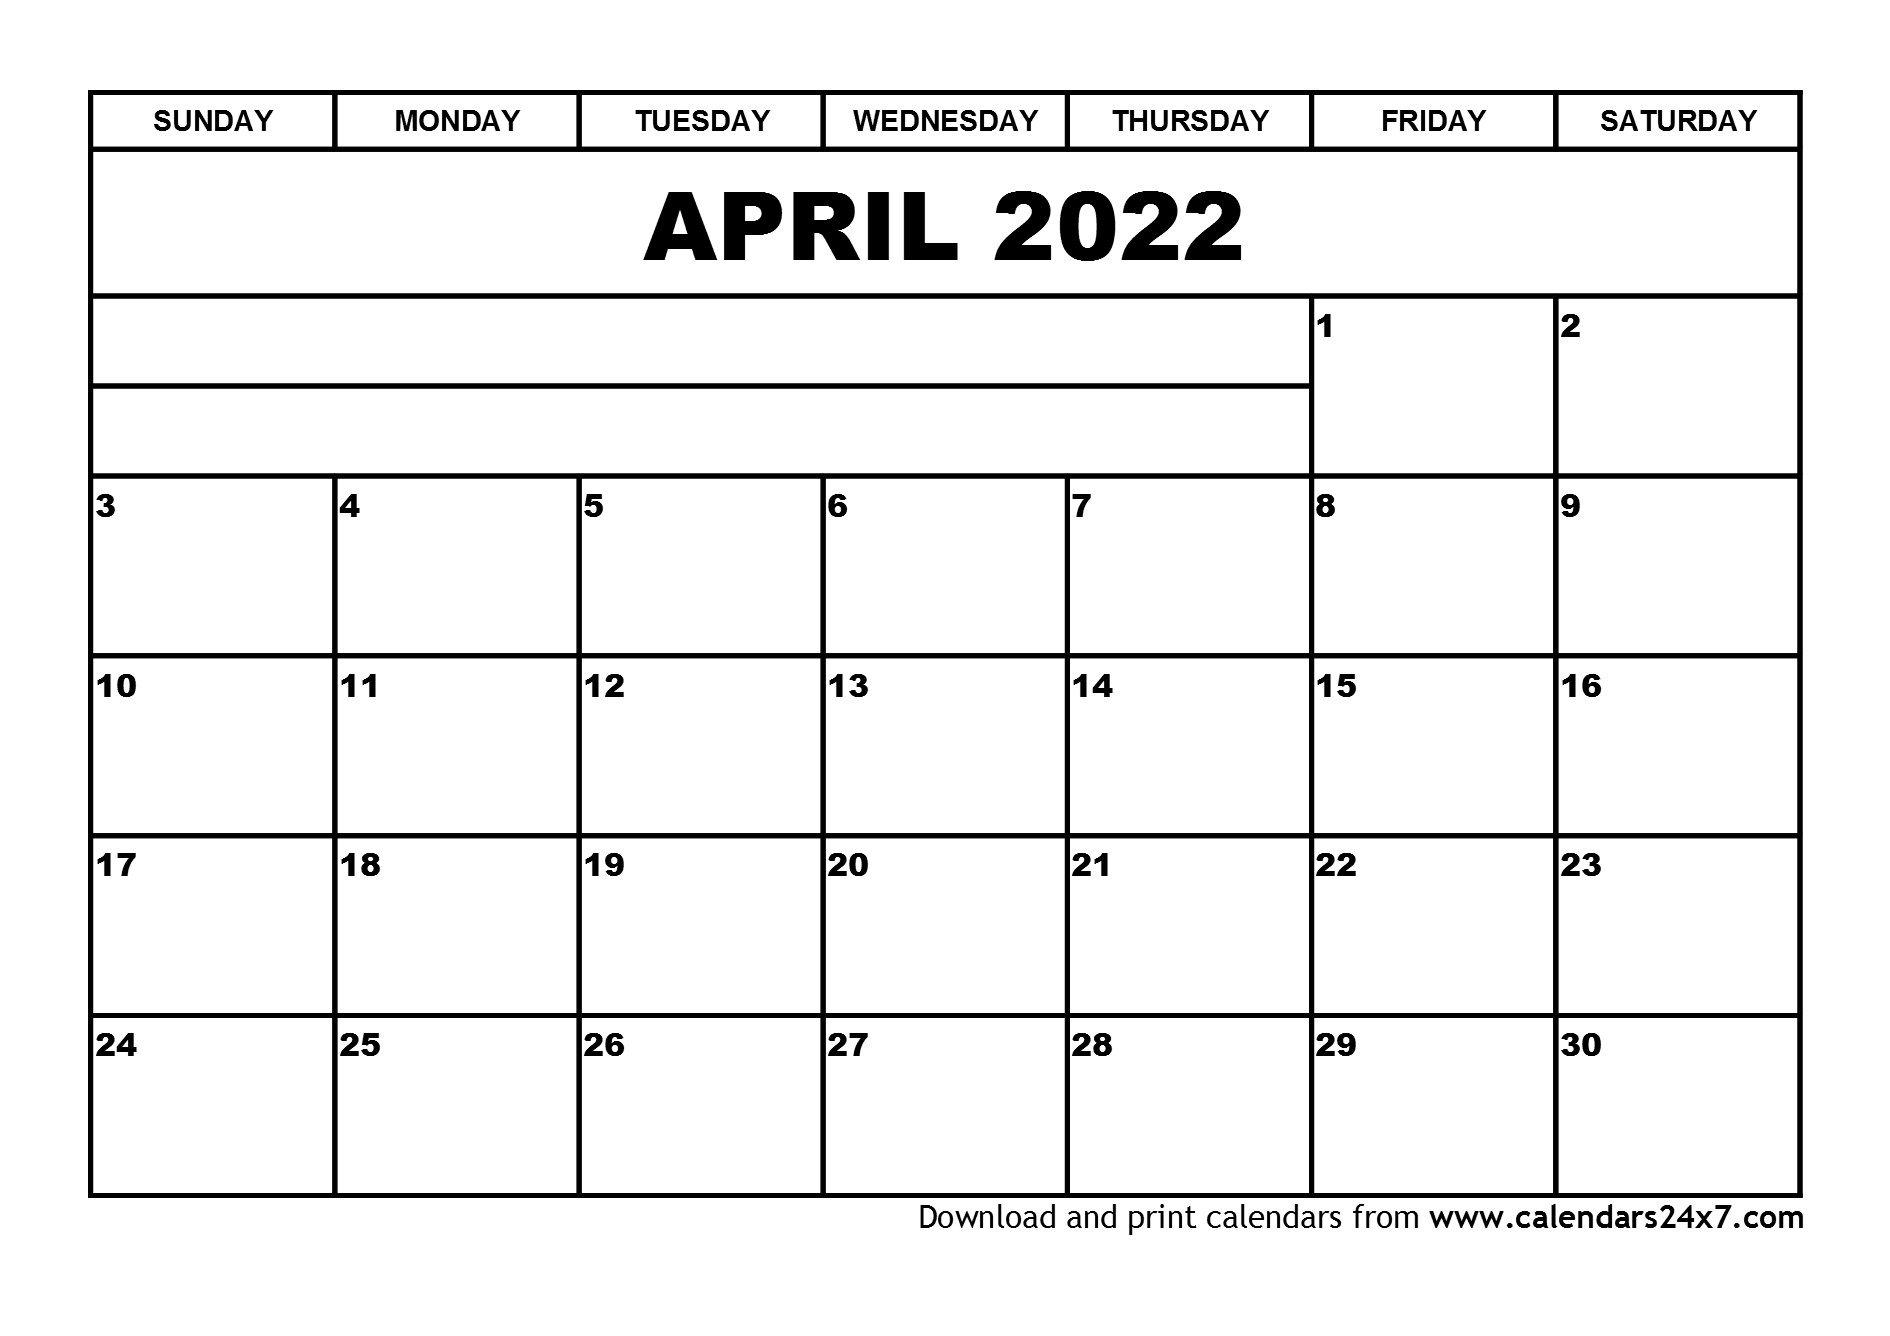 April 2022 Calendar & May 2022 Calendar with April 2022 Printable Calendar Free 2022 Graphics